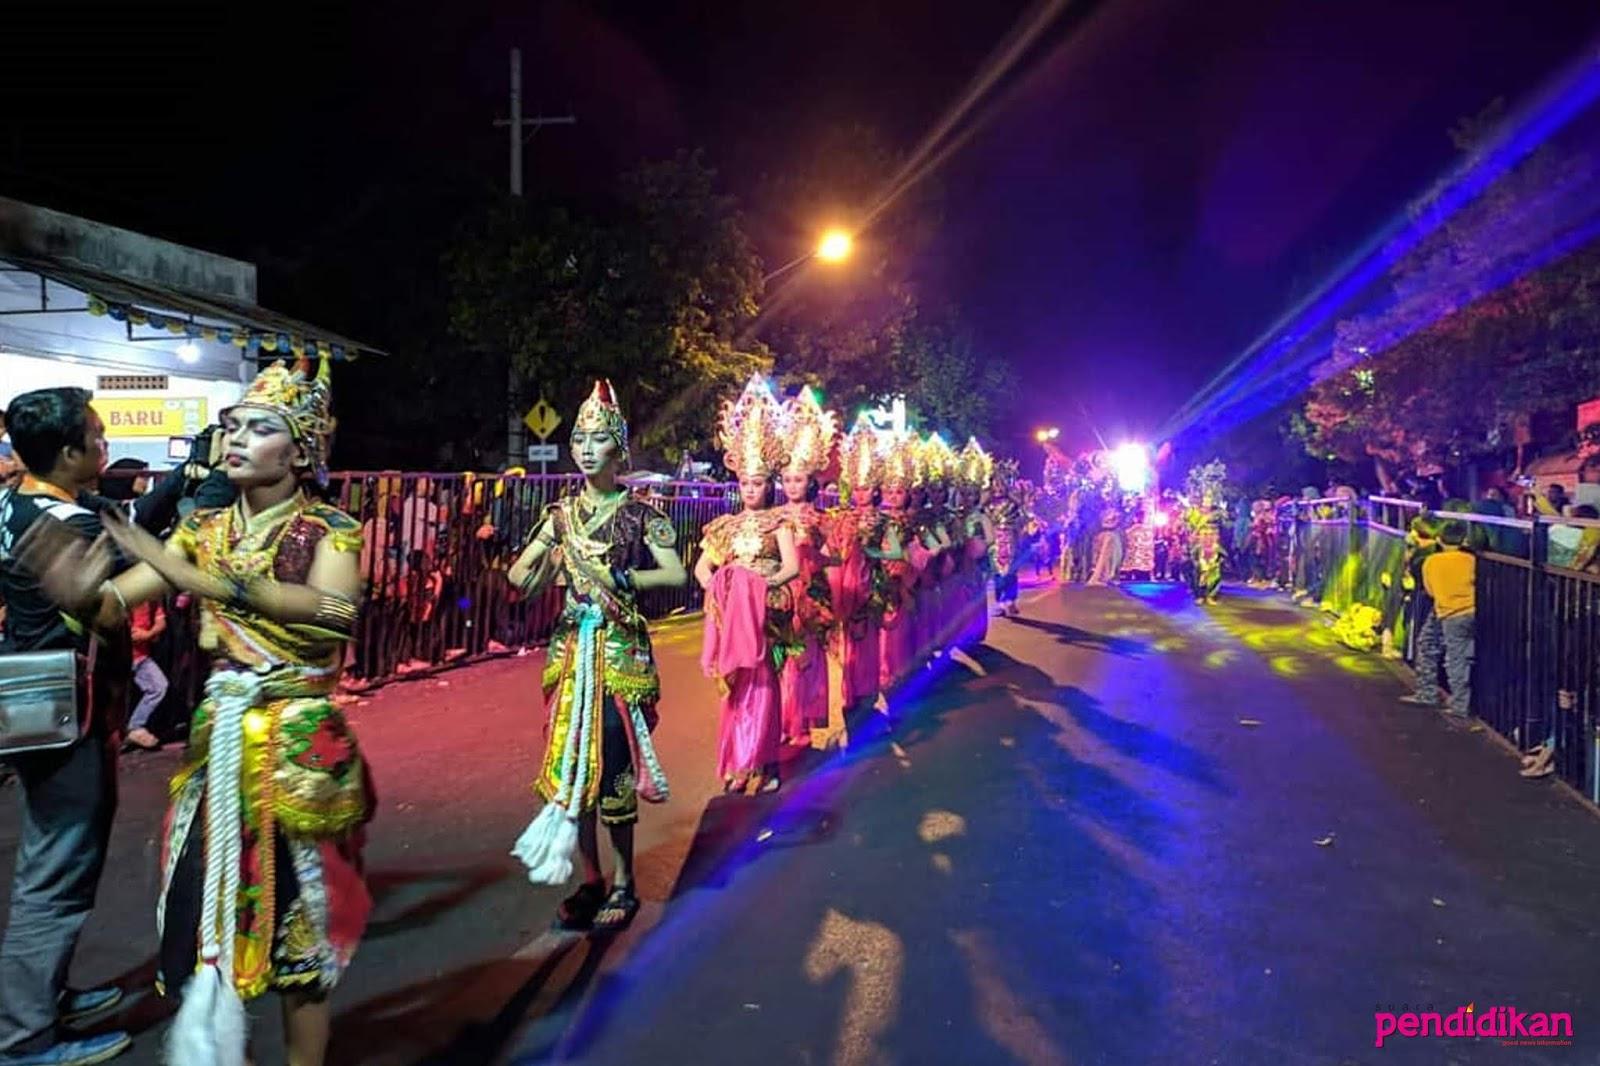 Jatim Specta Night Carnival 2019 Peningkatan Pelestarian Budaya Lokal